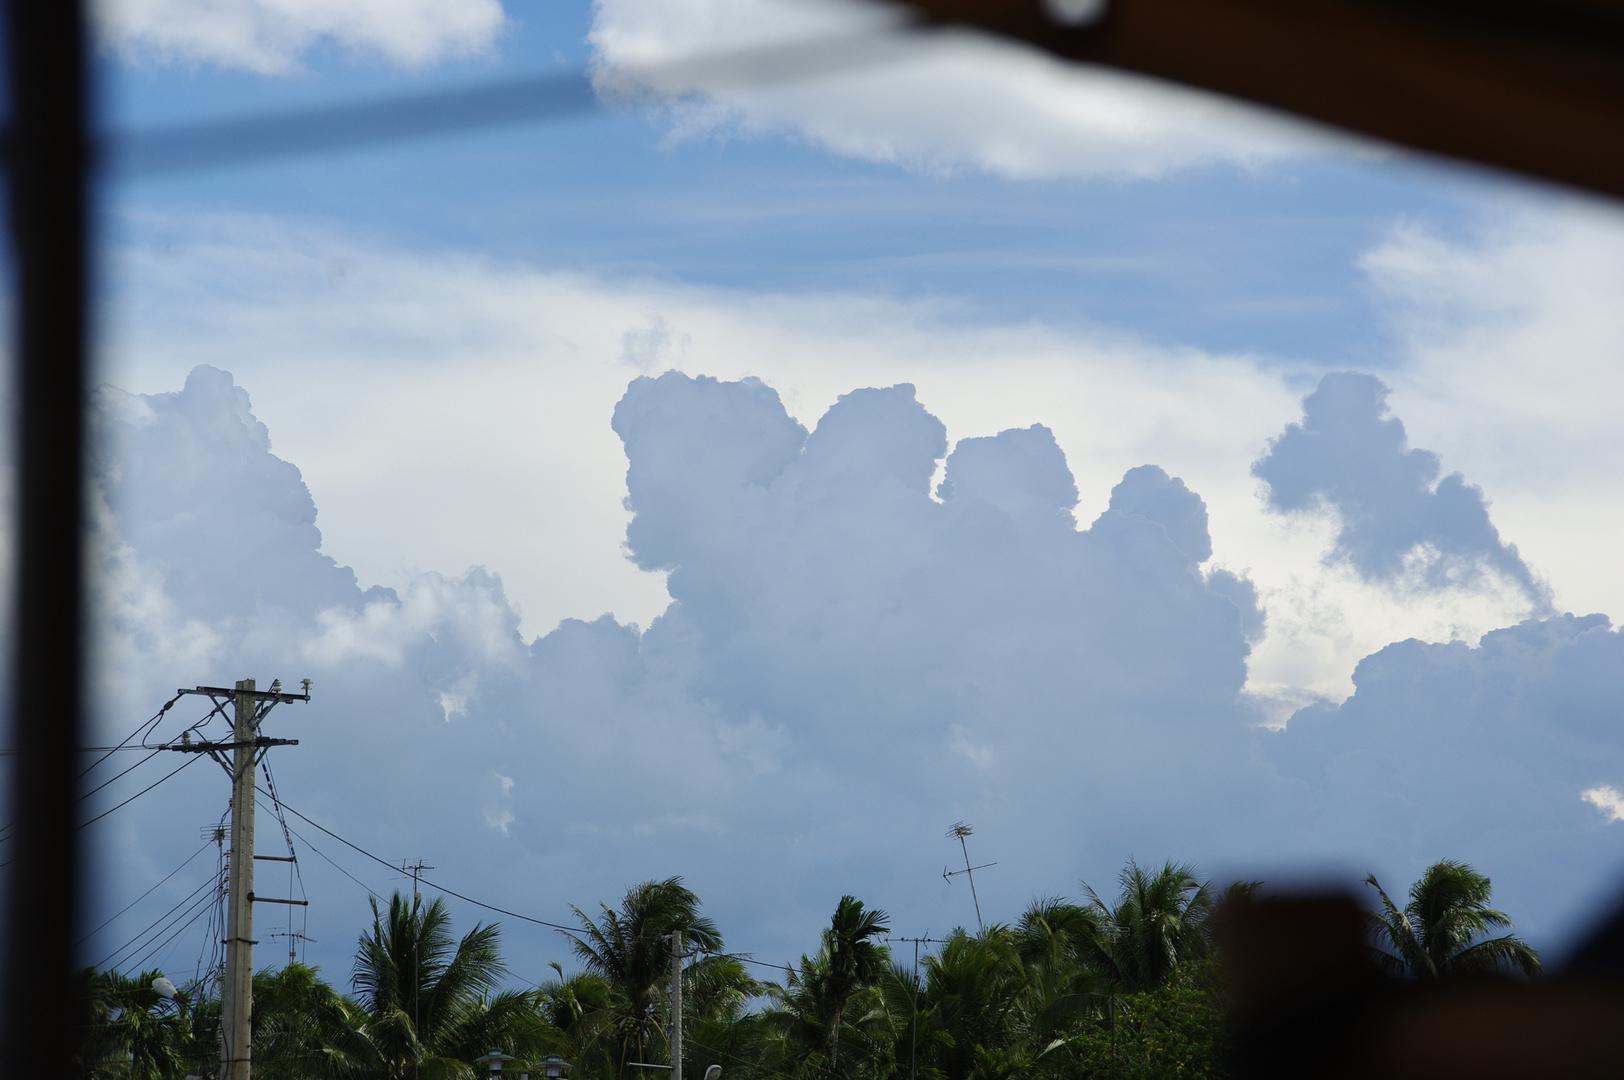 Zehenwolke über dem Mekongdelta